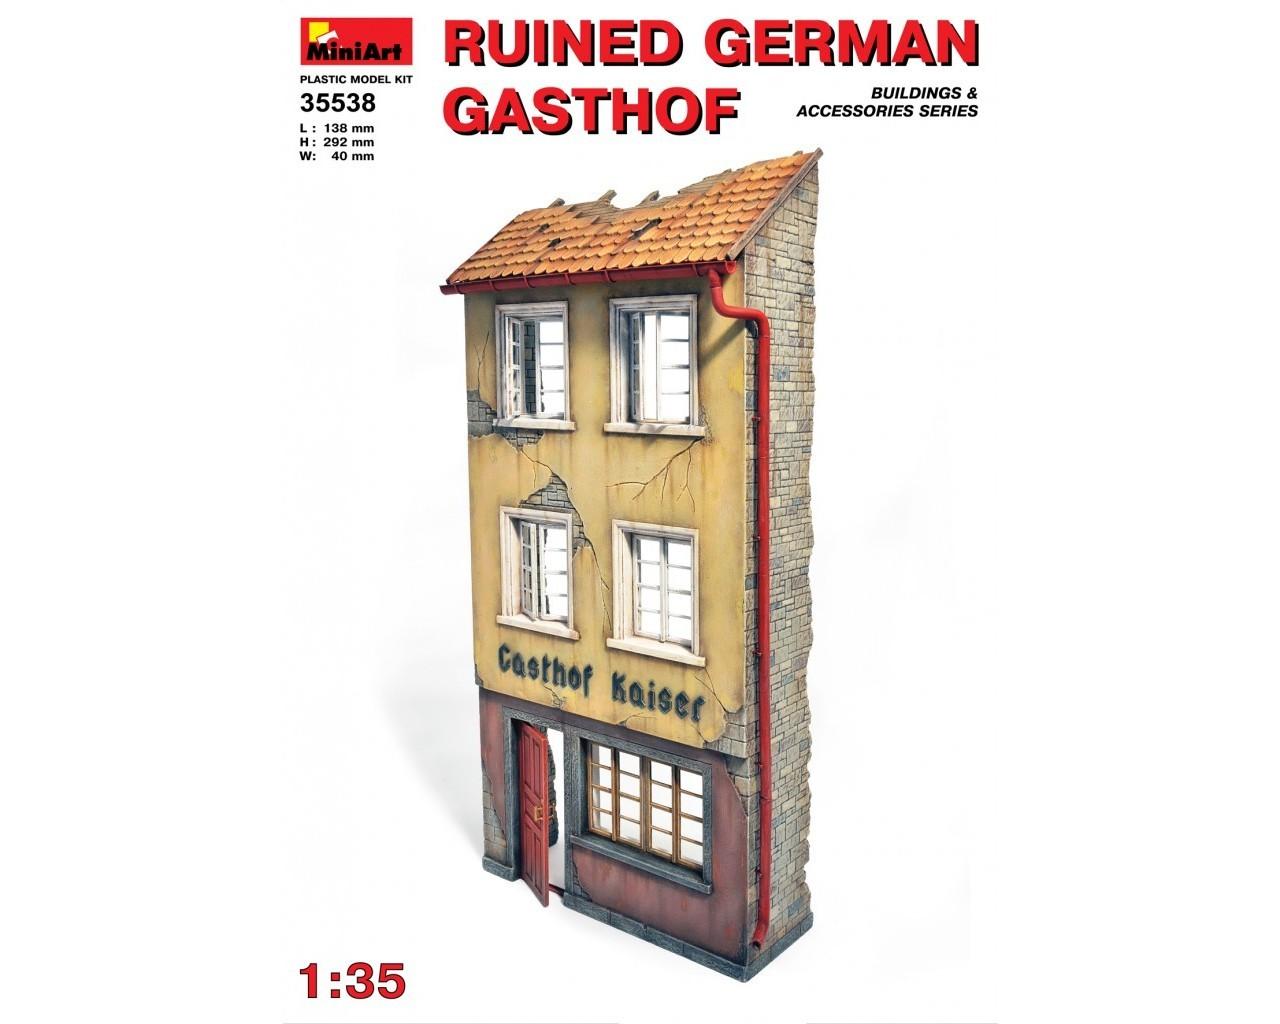 1/35 Ruined German Gasthof